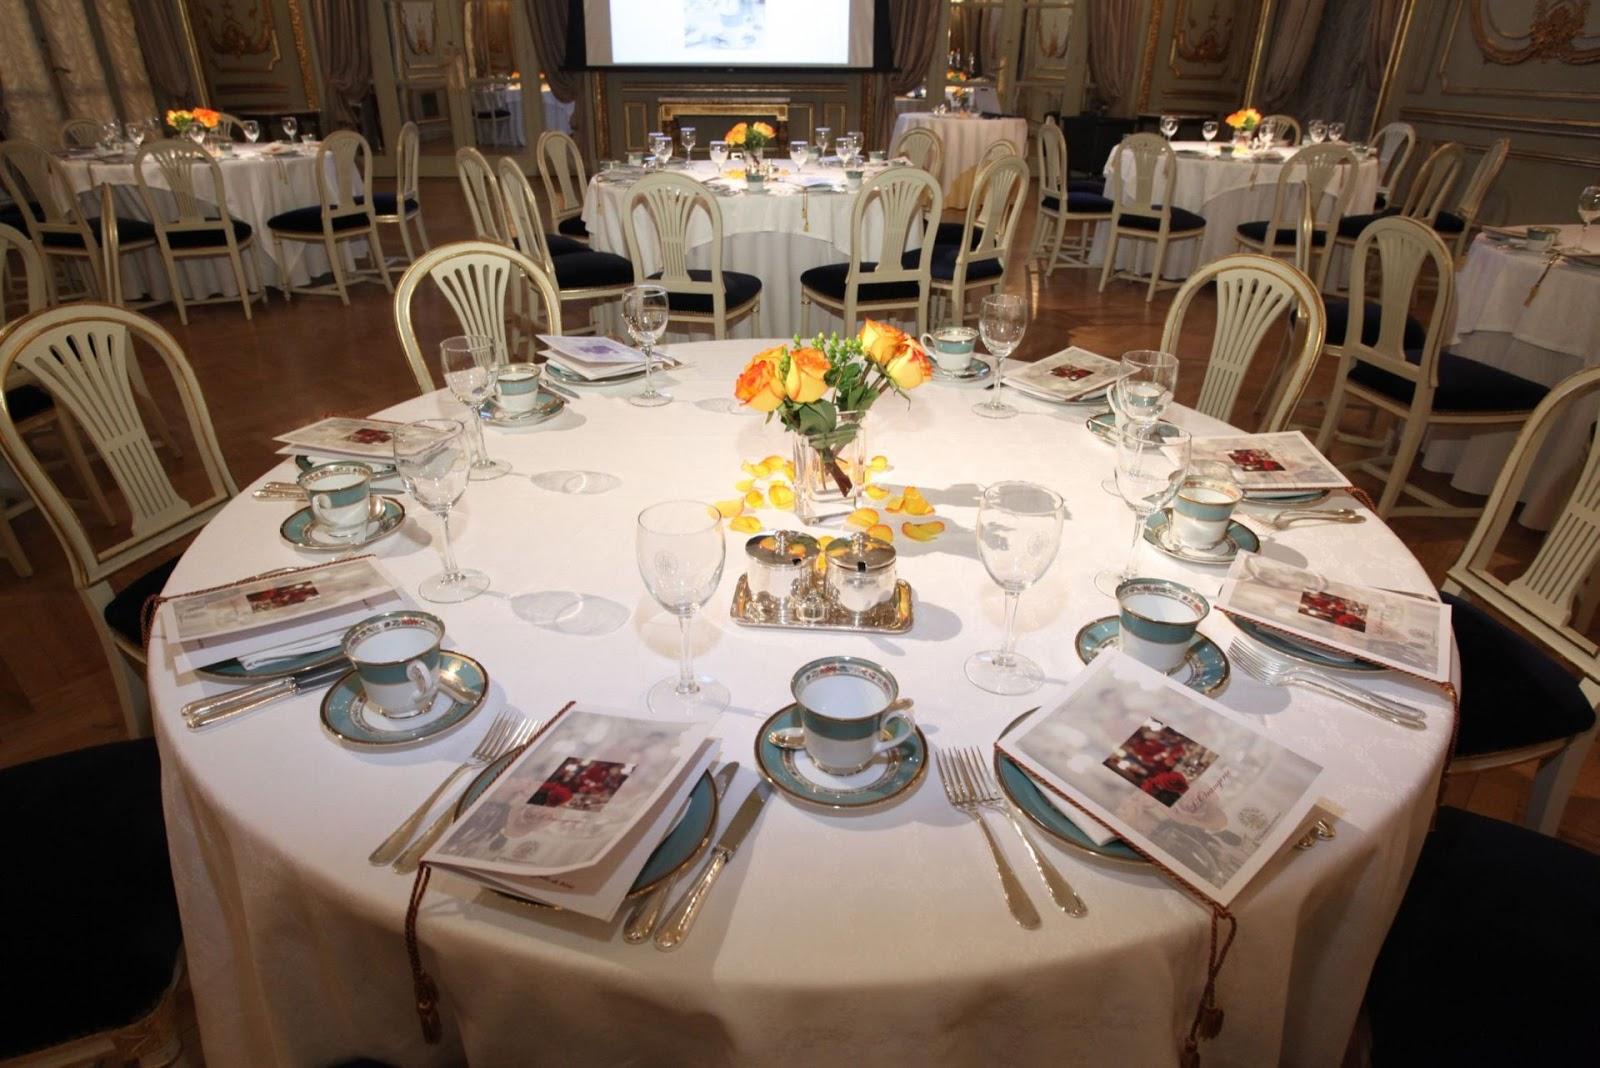 De eventos y reuniones desayunos de trabajo ma anas - Mesas de desayuno ...